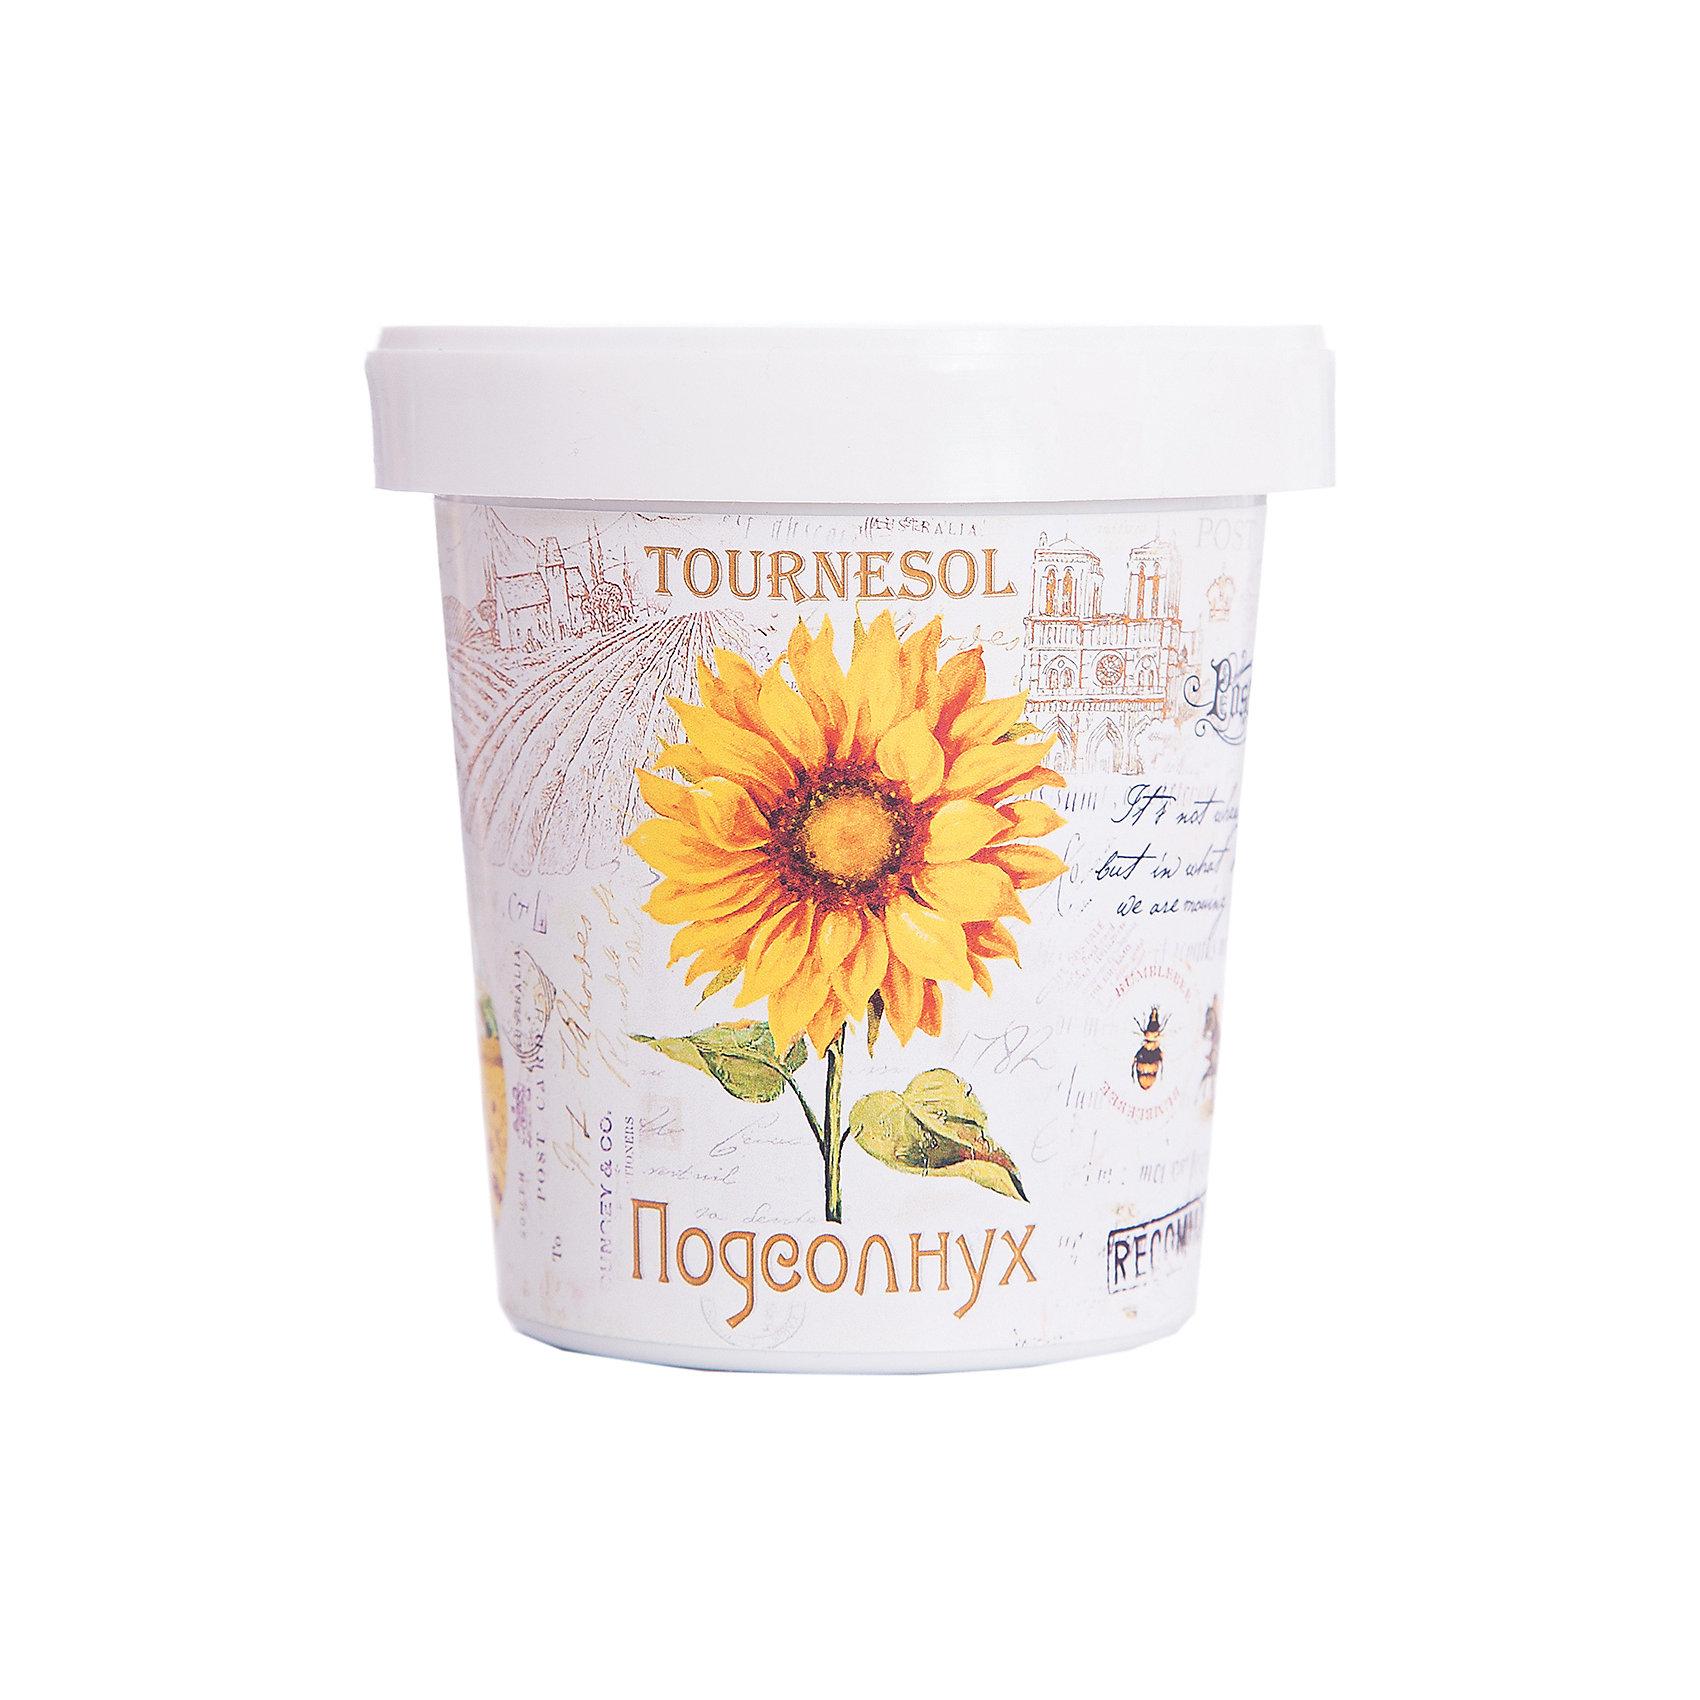 Набор для выращивания Подсолнечник Rostok VisaНаборы для выращивания растений<br>Подсолнечник, Rostok Visa.<br><br>Характеристики:<br><br>• вы сможете выращивать растения у себя дома<br>• экологически чистая продукция<br>• не содержит химикаты<br>• отличная всхожесть<br>• приятный дизайн<br>• в комплекте: горшочек, пакет с семенами, грунт, инструкция<br>• размер упаковки: 7,5х7,5х12 см<br>• вес: 275 грамм<br><br>Набор Подсолнечник подойдет для любителей садоводства. С его помощью ребенок научится выращивать подсолнечник и ухаживать за ним. Прочитав инструкцию, вы узнаете как именно нужно ухаживать за растением. Процесс выращивания понравится ребенку, а взрослое растение в оригинальном горшочке украсит вашу комнату!<br><br>Набор Подсолнечник, Rostok Visa вы можете купить в нашем интернет-магазине.<br><br>Ширина мм: 120<br>Глубина мм: 75<br>Высота мм: 75<br>Вес г: 267<br>Возраст от месяцев: 168<br>Возраст до месяцев: 240<br>Пол: Унисекс<br>Возраст: Детский<br>SKU: 5053987